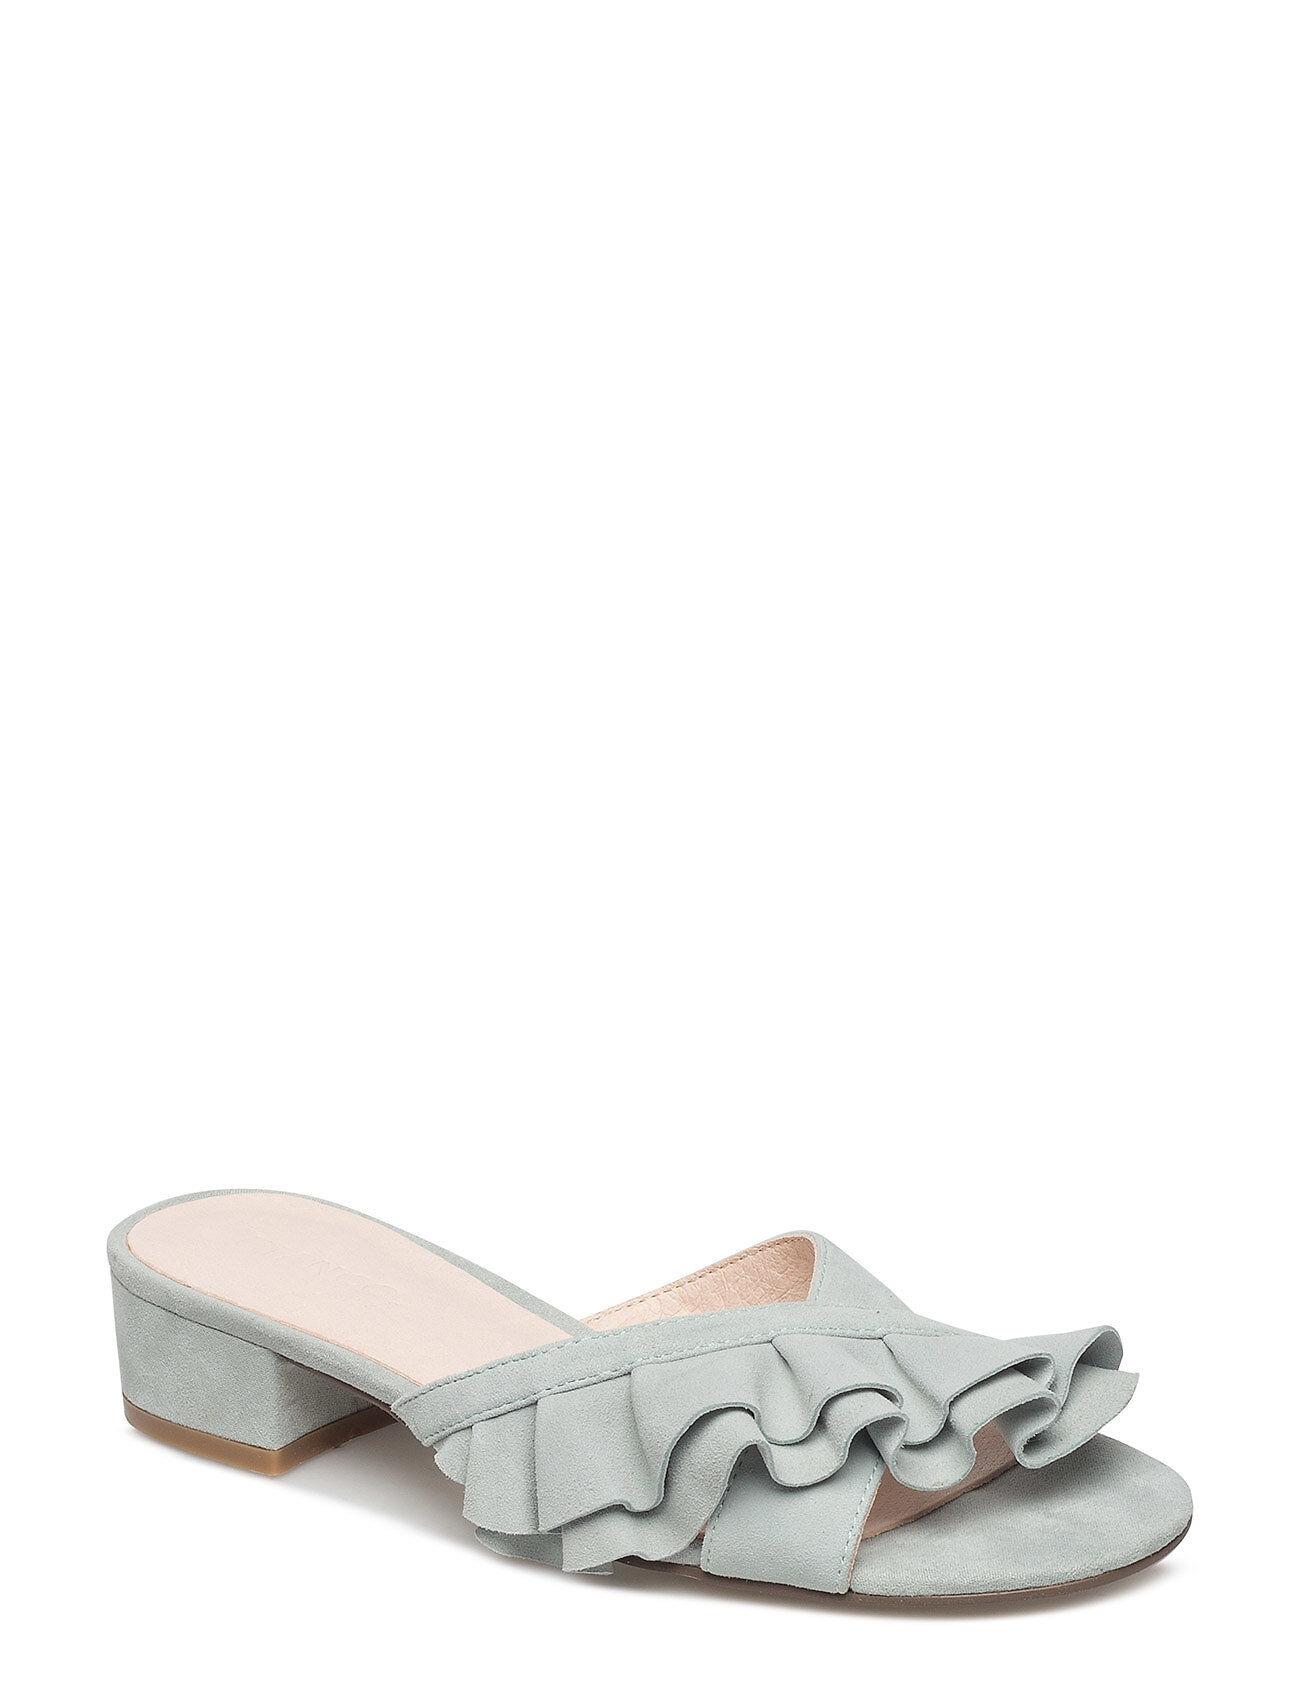 Bianco Slip In Sandal Jfm18